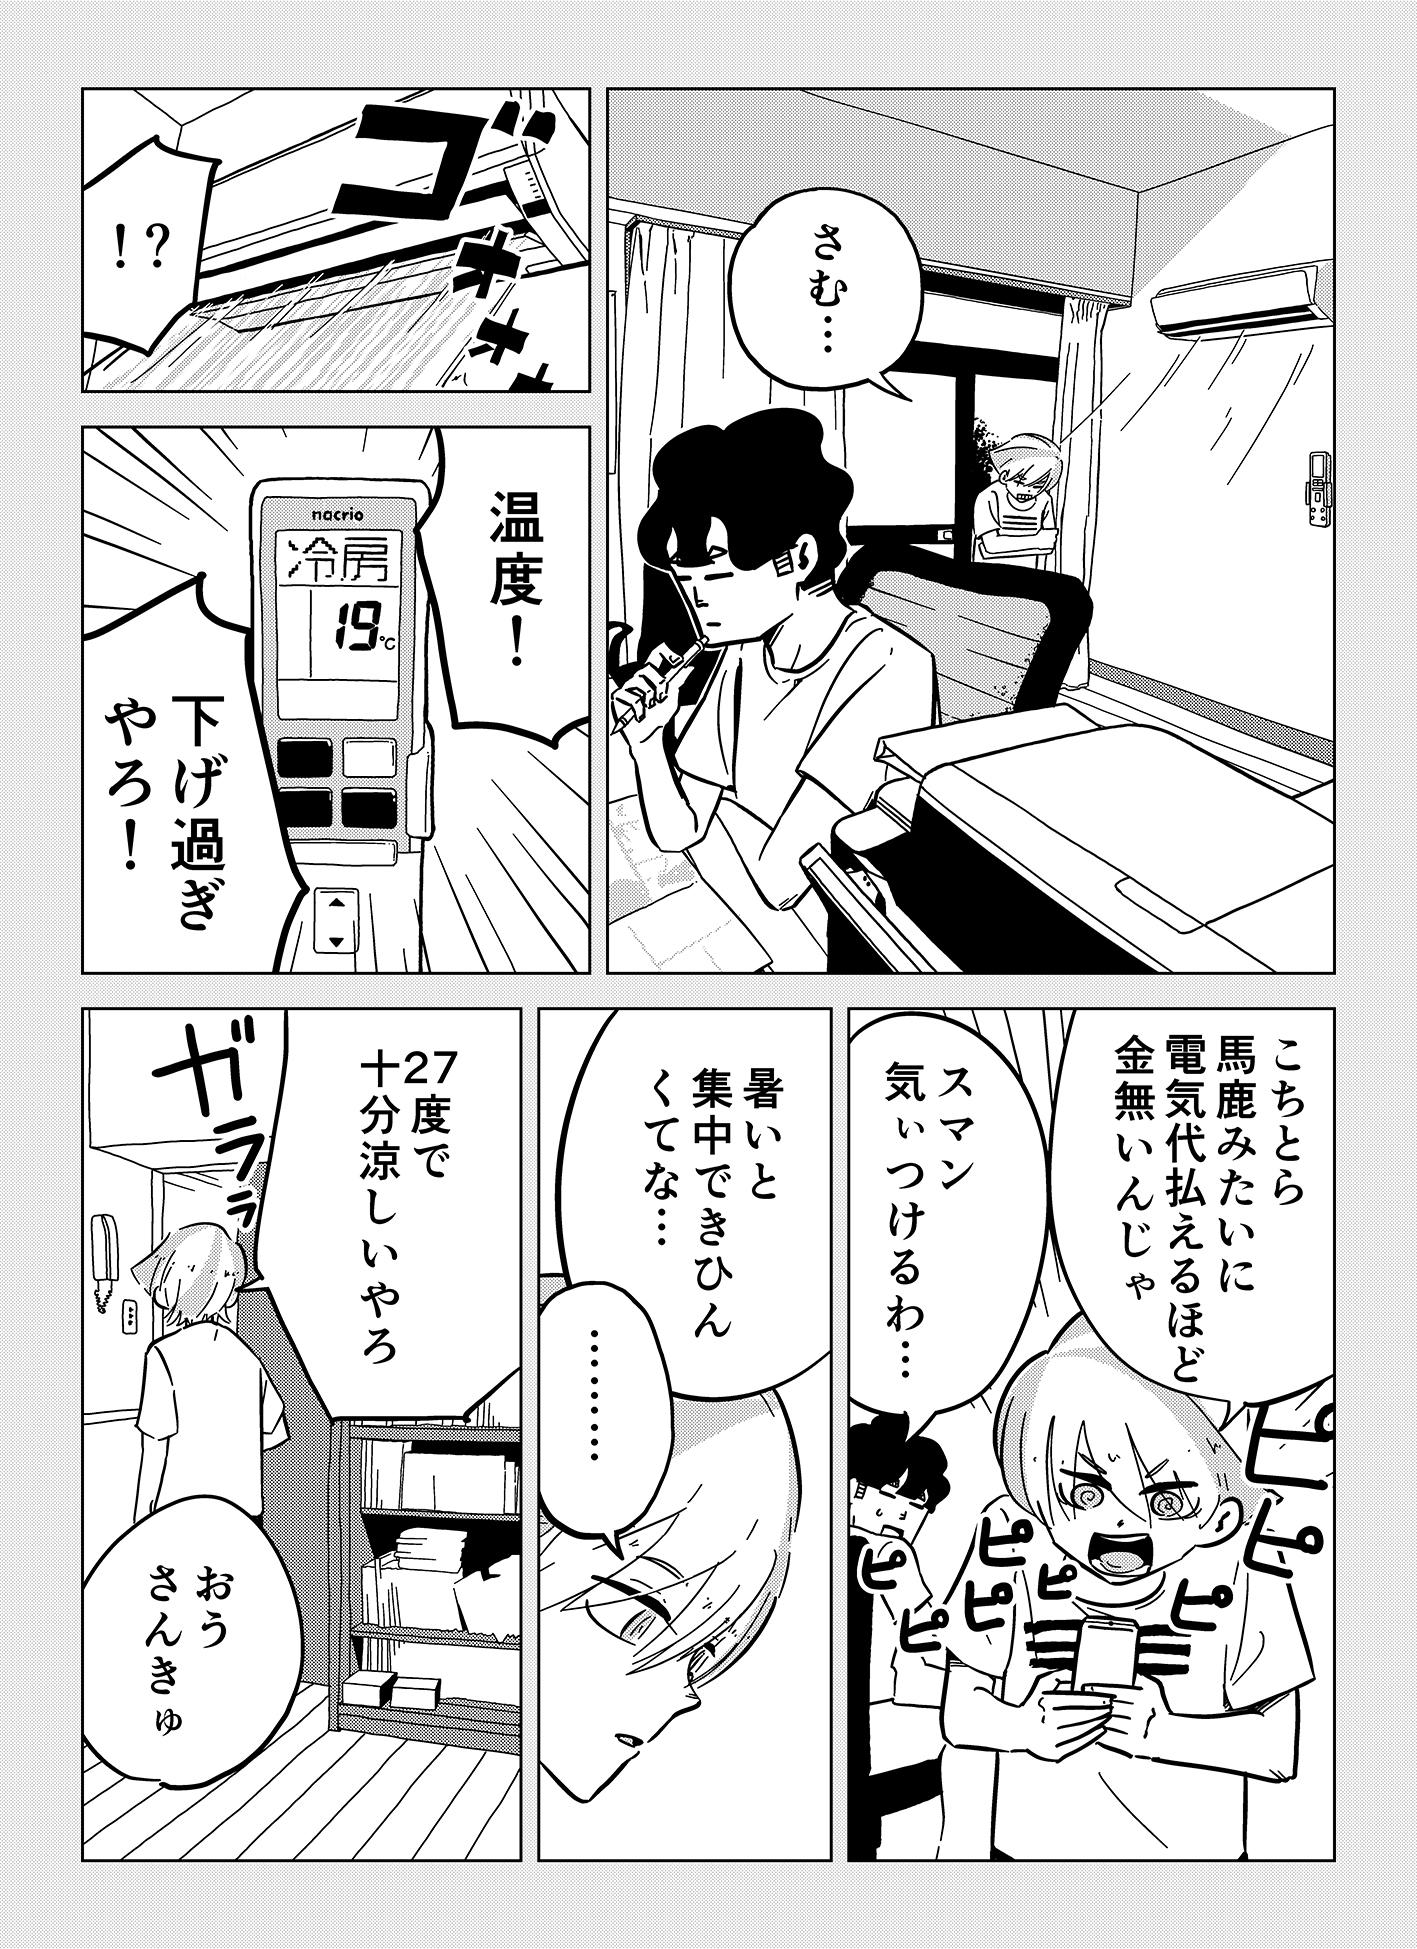 share12_004